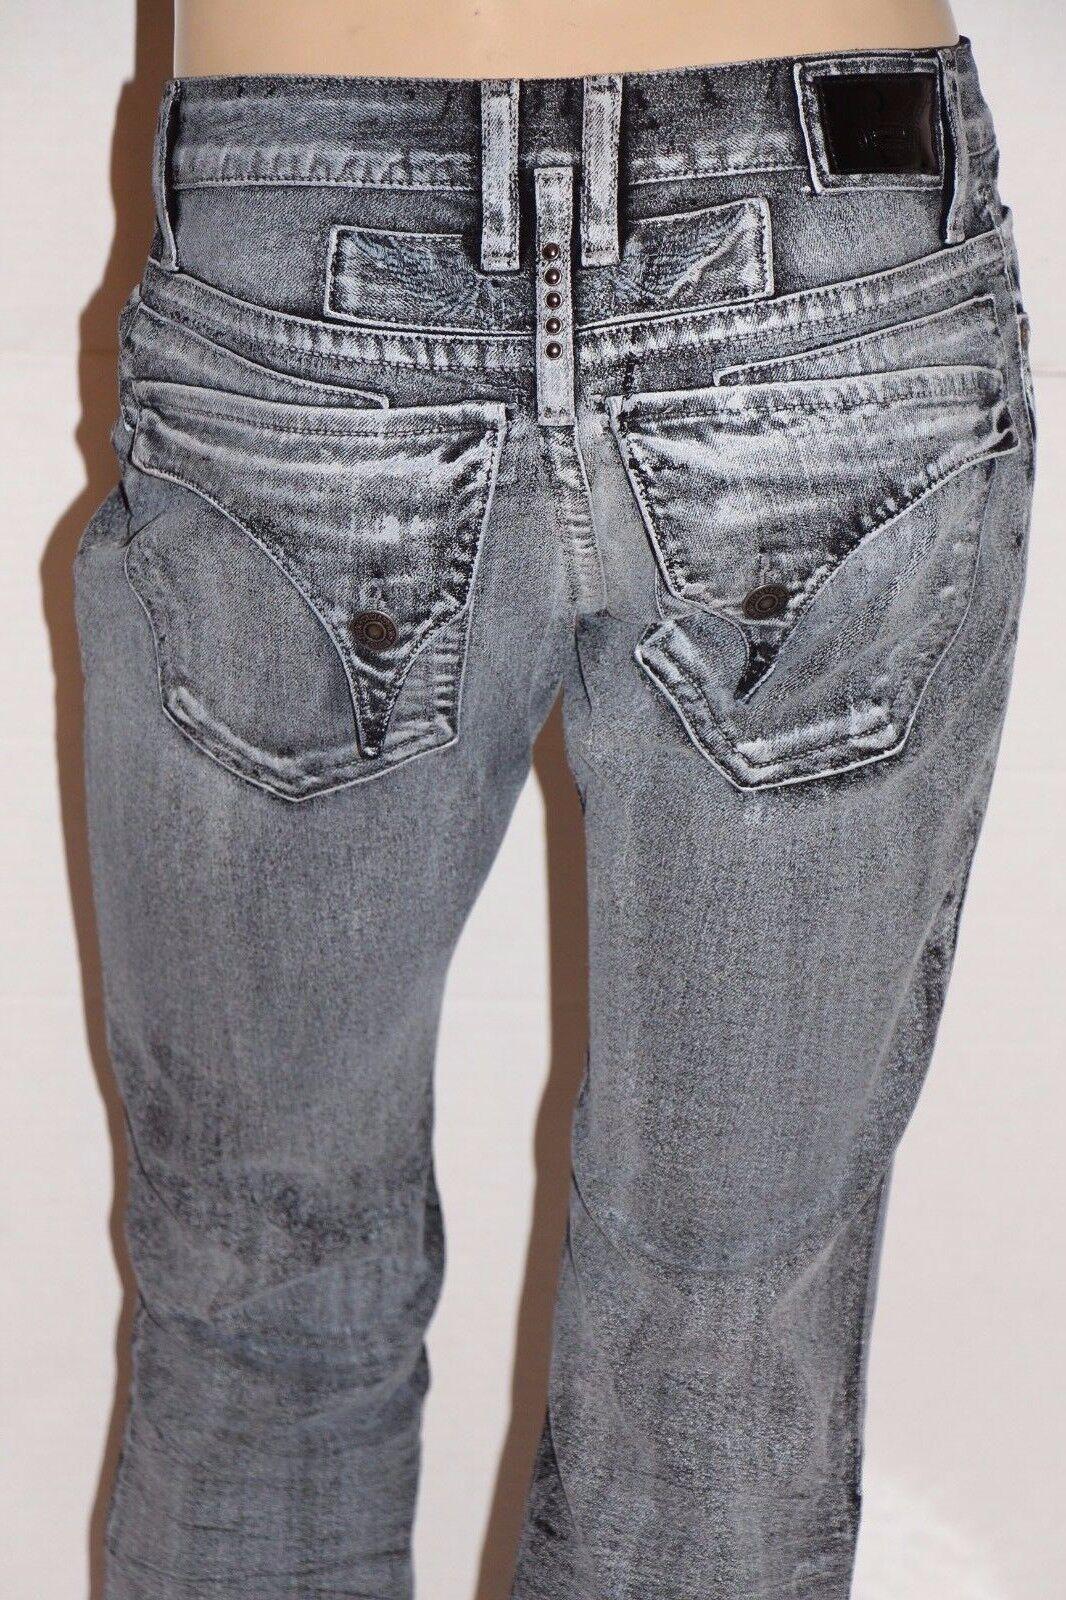 Neu Herren ROTKEHLCHEN Jeans Sz 32 Lang Überschlag Gewachst Dehnbar Denim Gerade